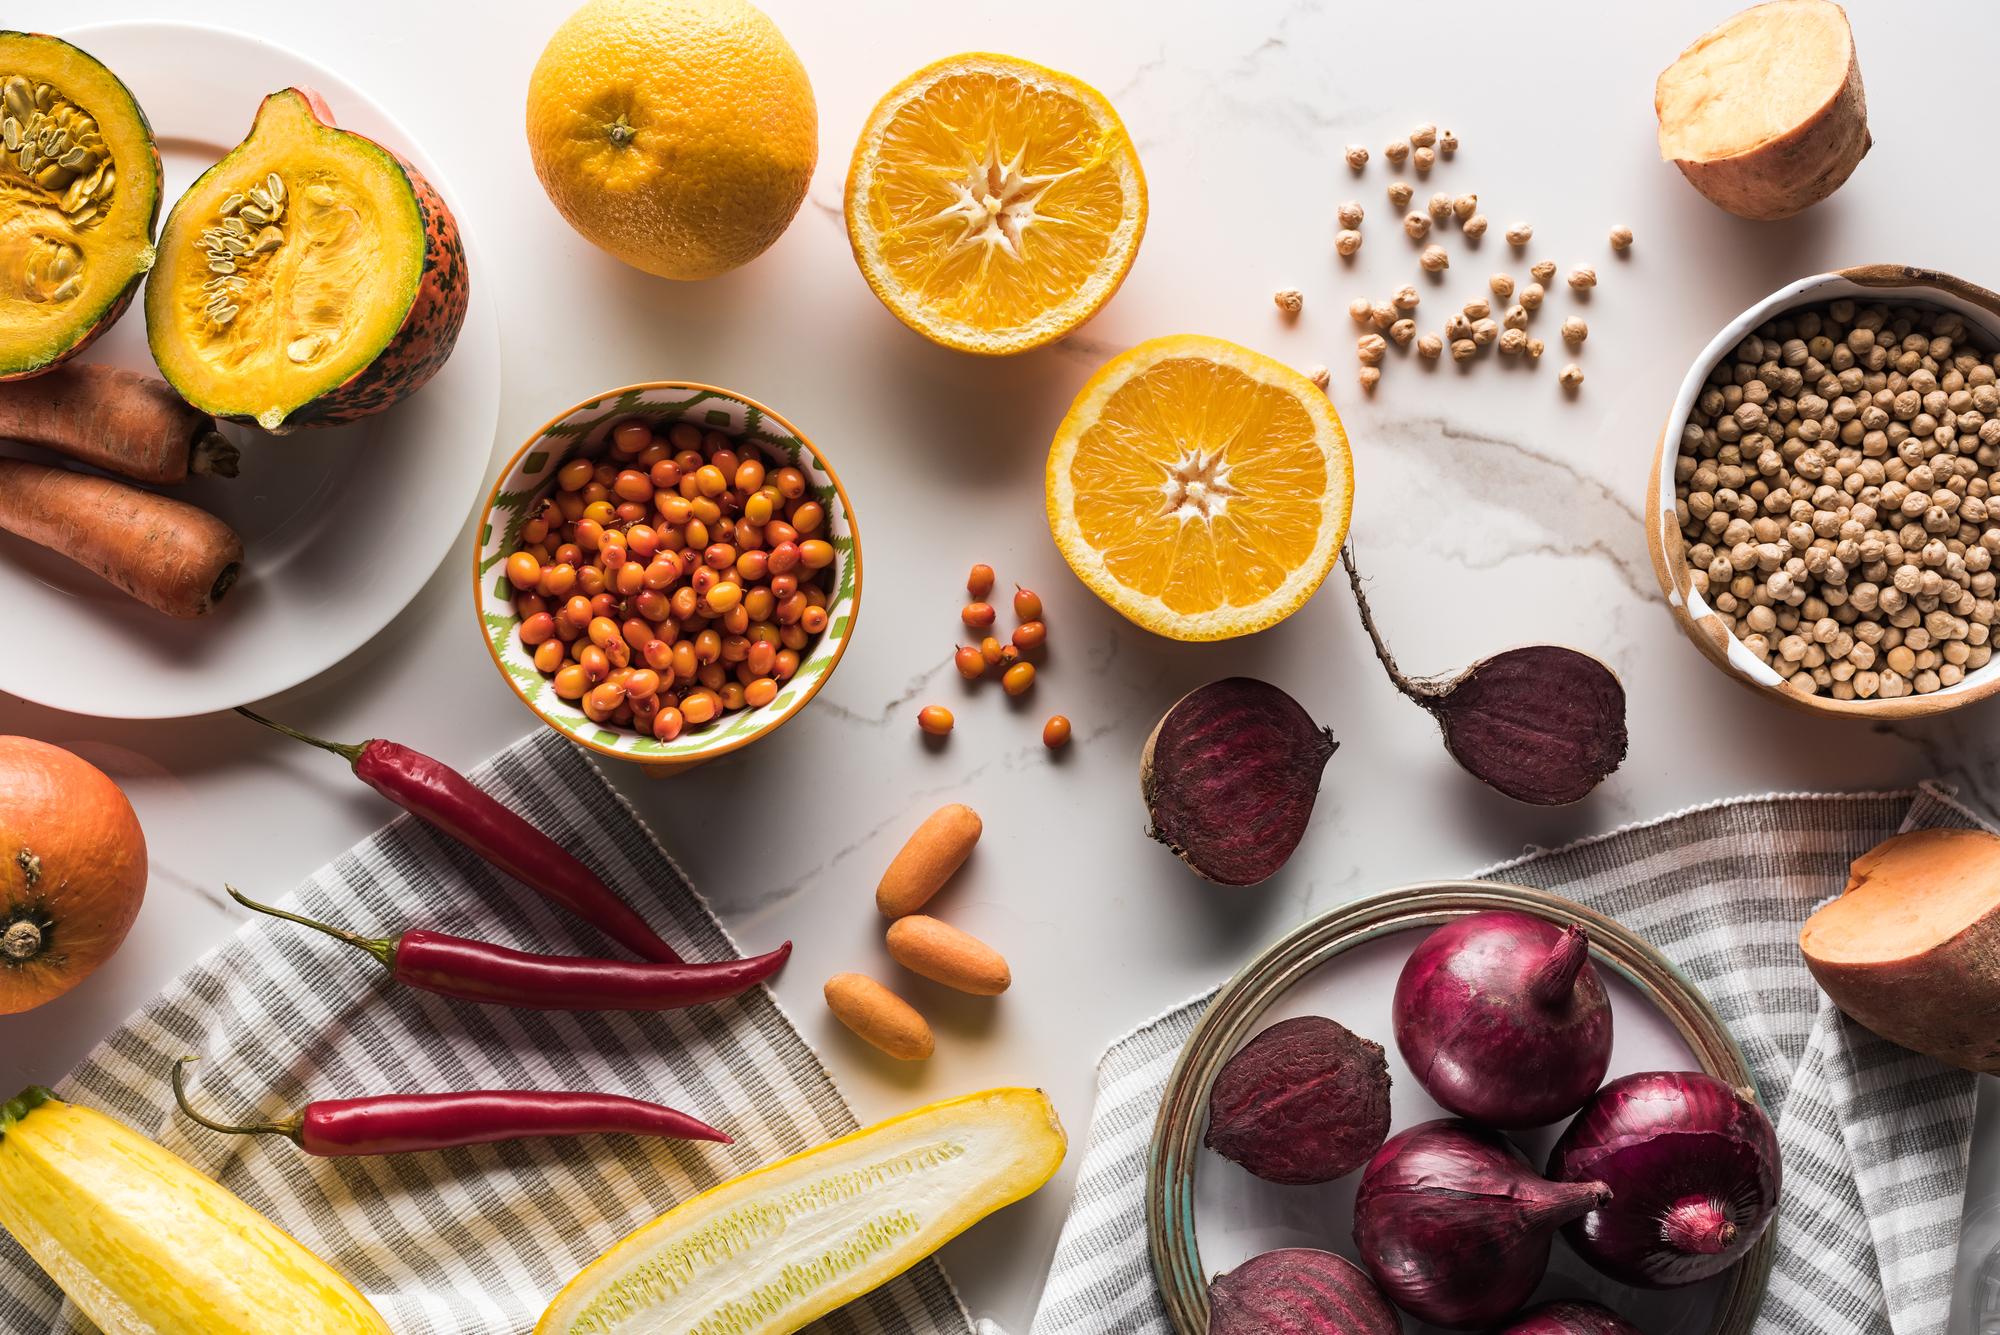 Mangiare di stagione: perché è importante